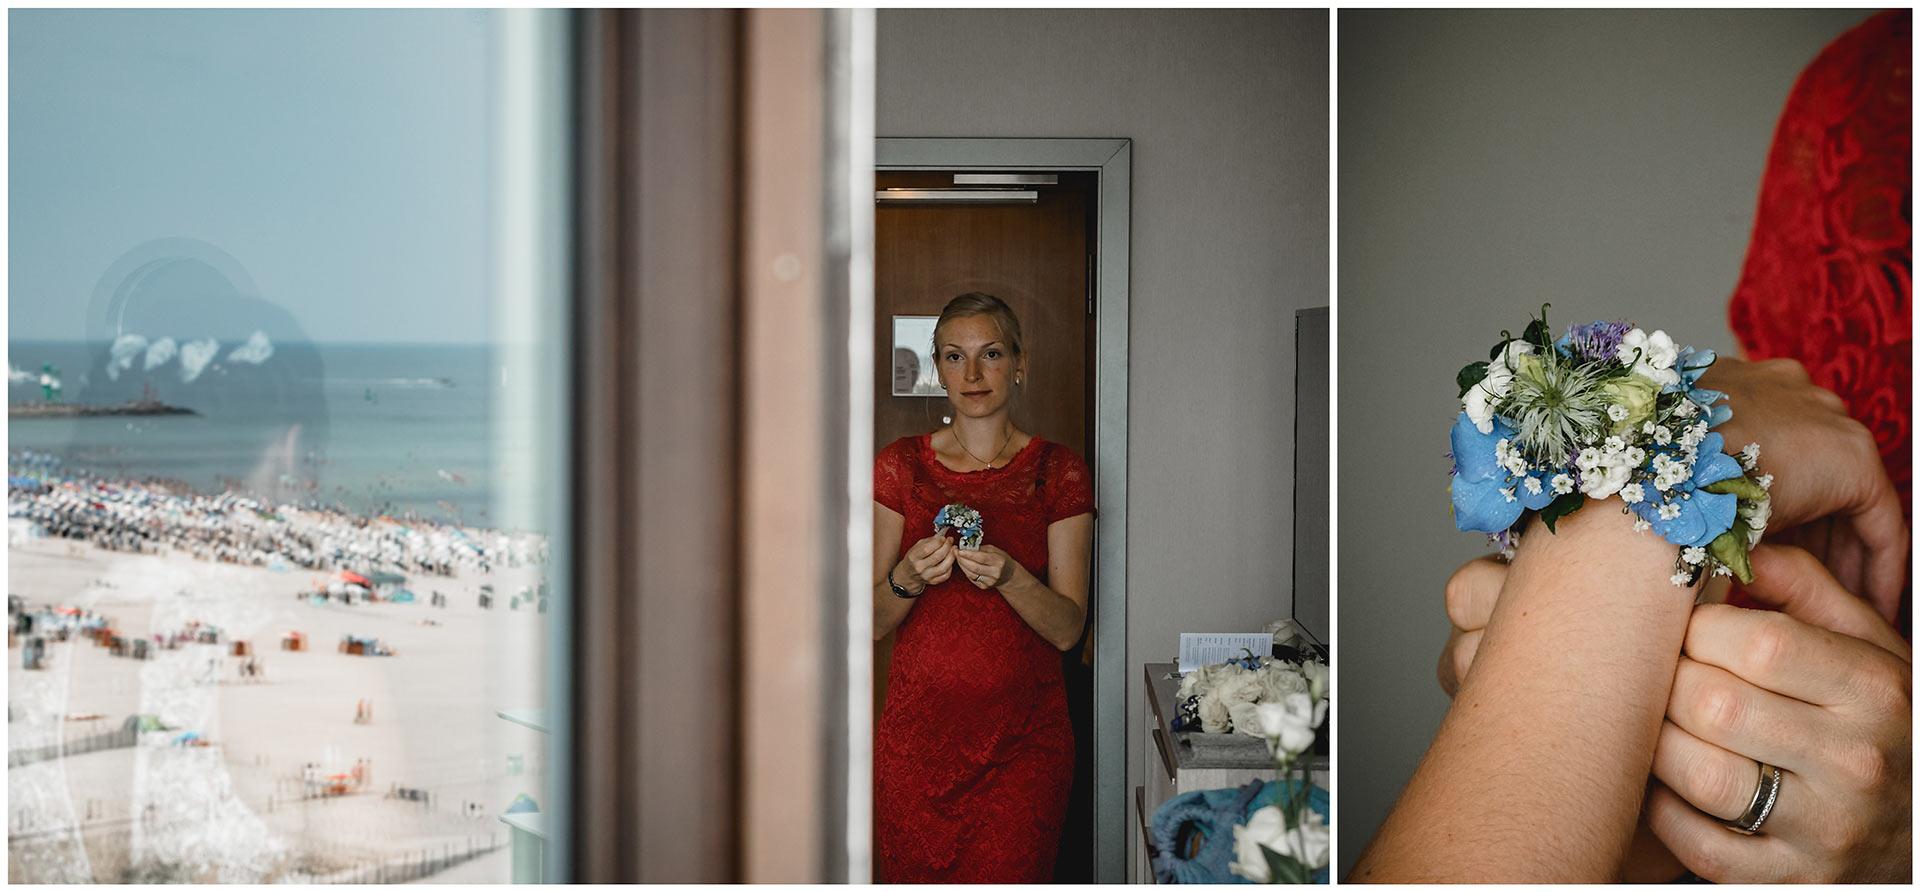 Trauzeugin-bringt-den-Blumenschmuck-und-legt-ihn-ans-Handgelenk-der-Braut-Hochzeitsfotograf-Warnemuende-Rostock-Hochzeitsfotograf-Ostseebad-Warnemuende